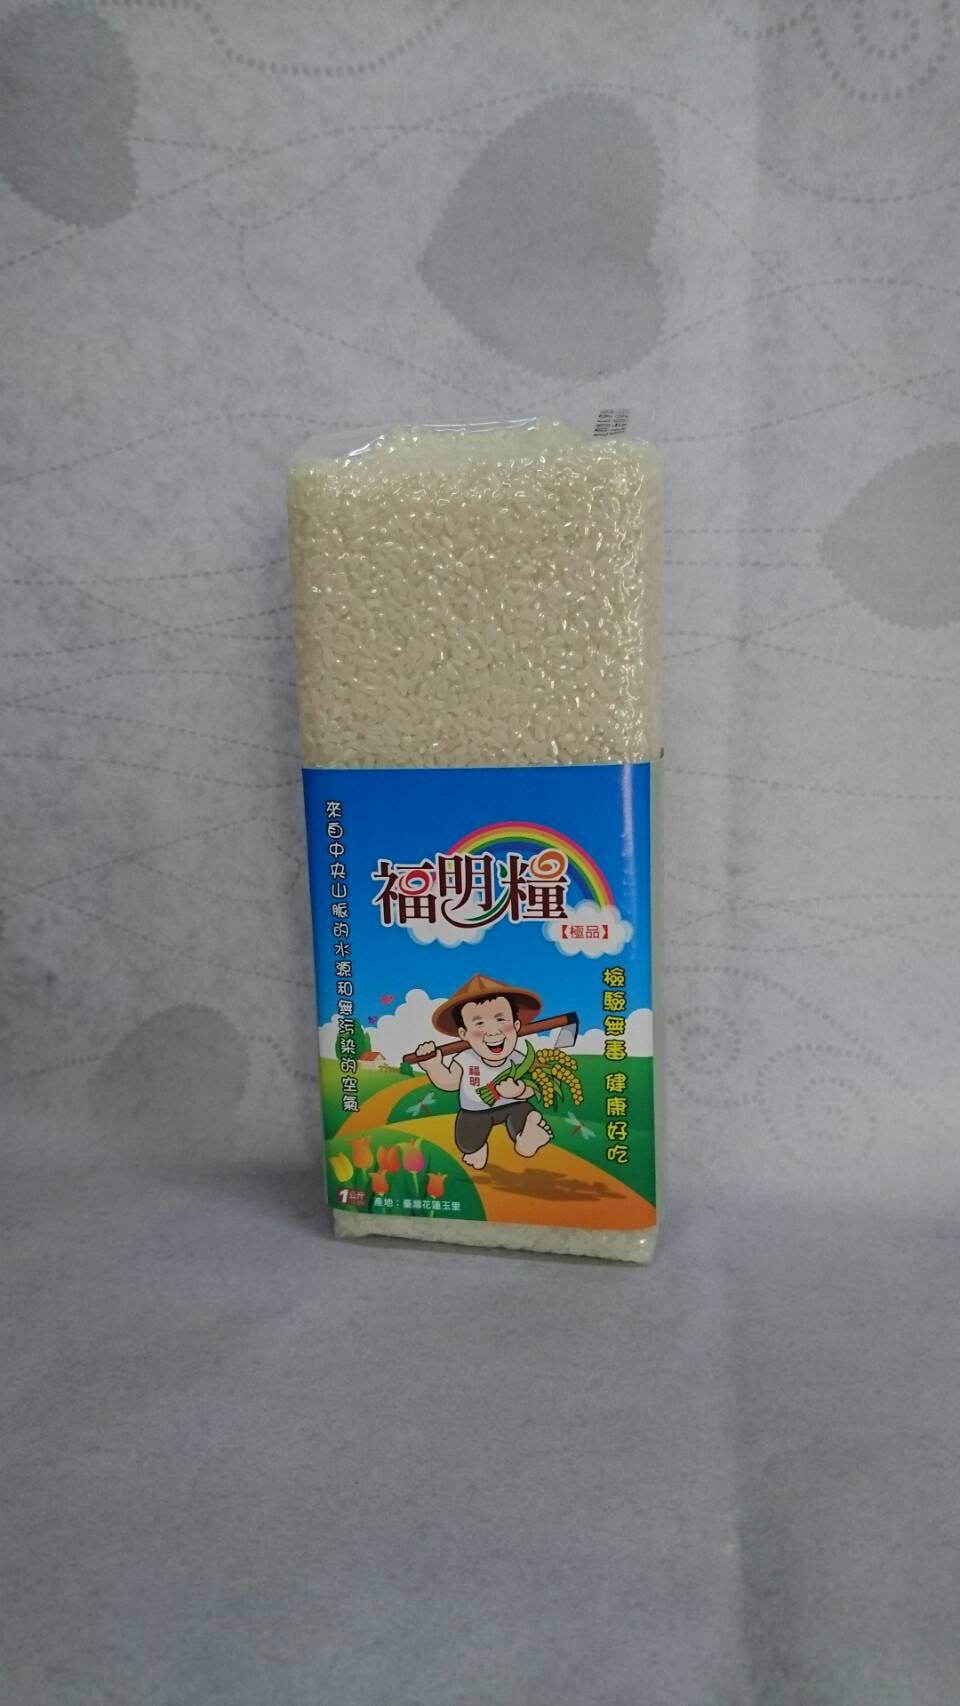 台中194號香米(糙米) 1公斤裝【米 】花東優質福明糧(玉里米)【26康健樂活館】